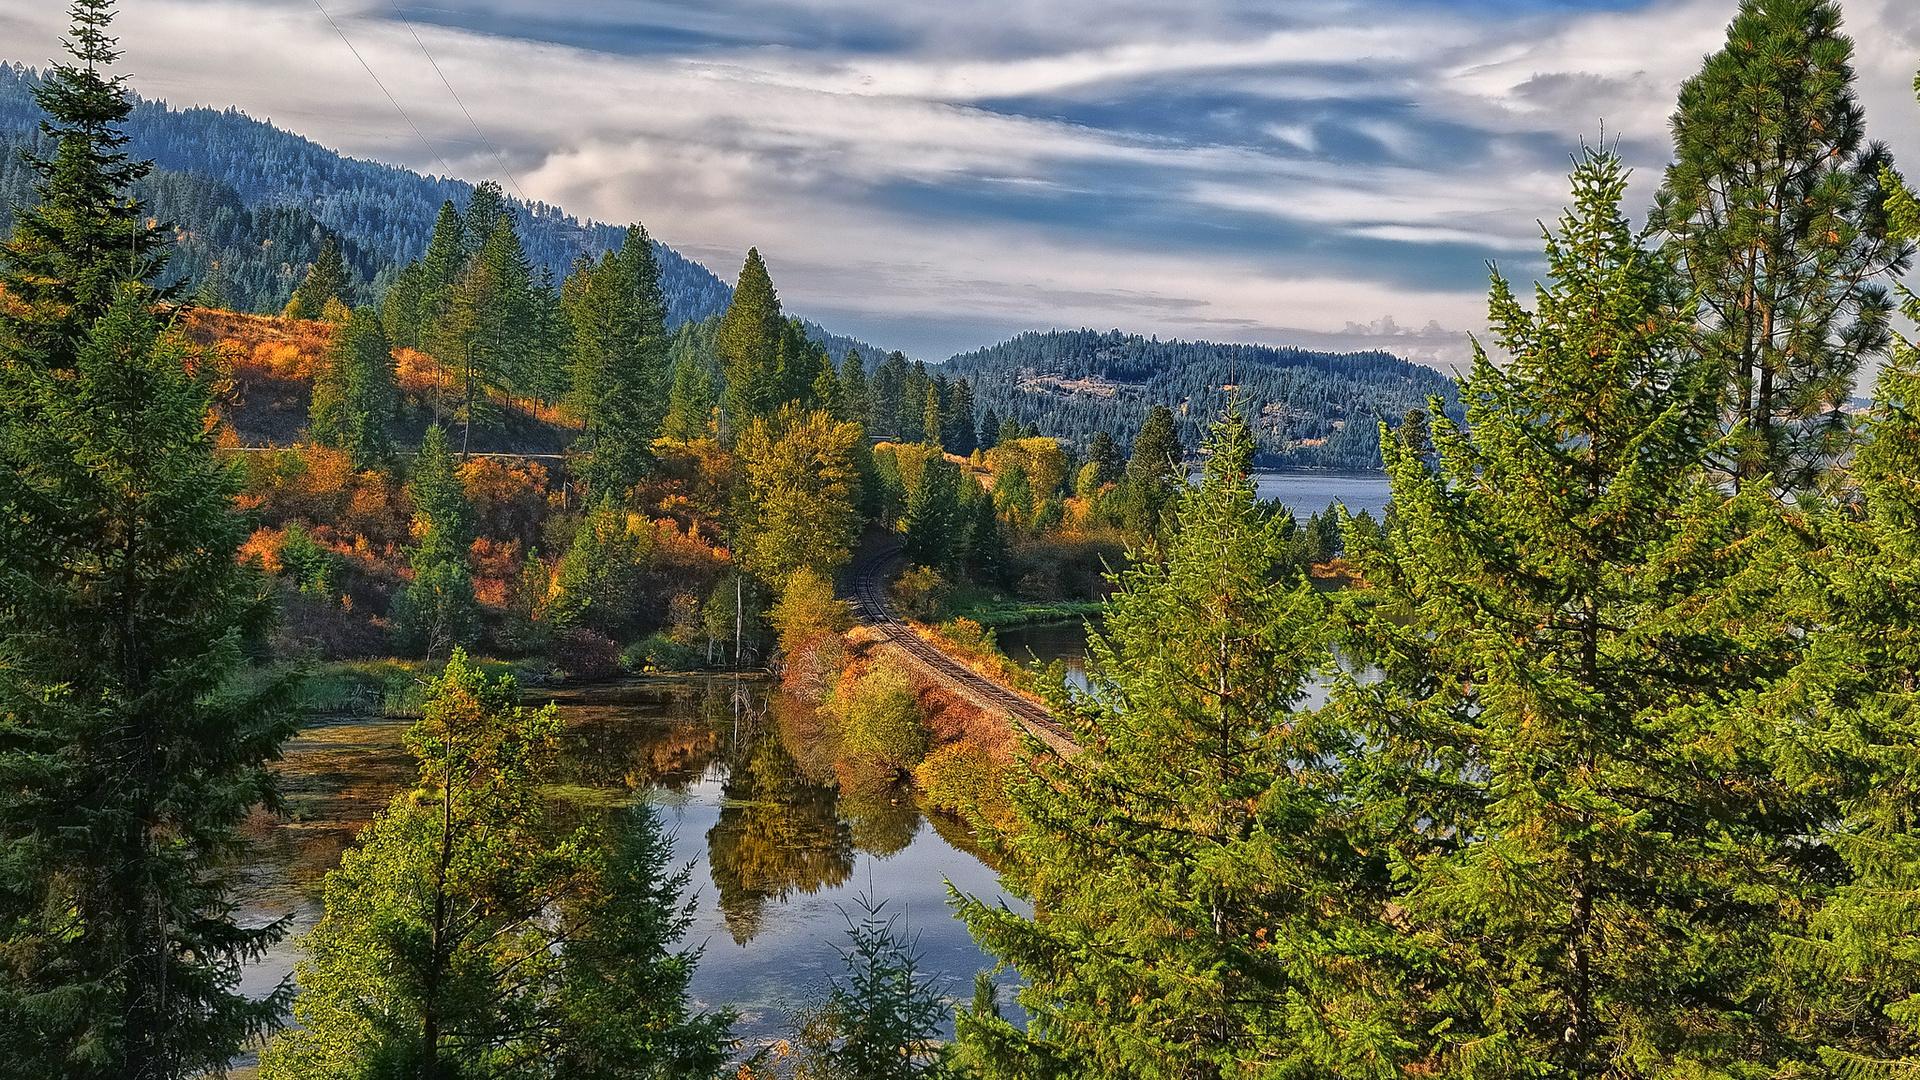 Картинки тайга леса реки и горы